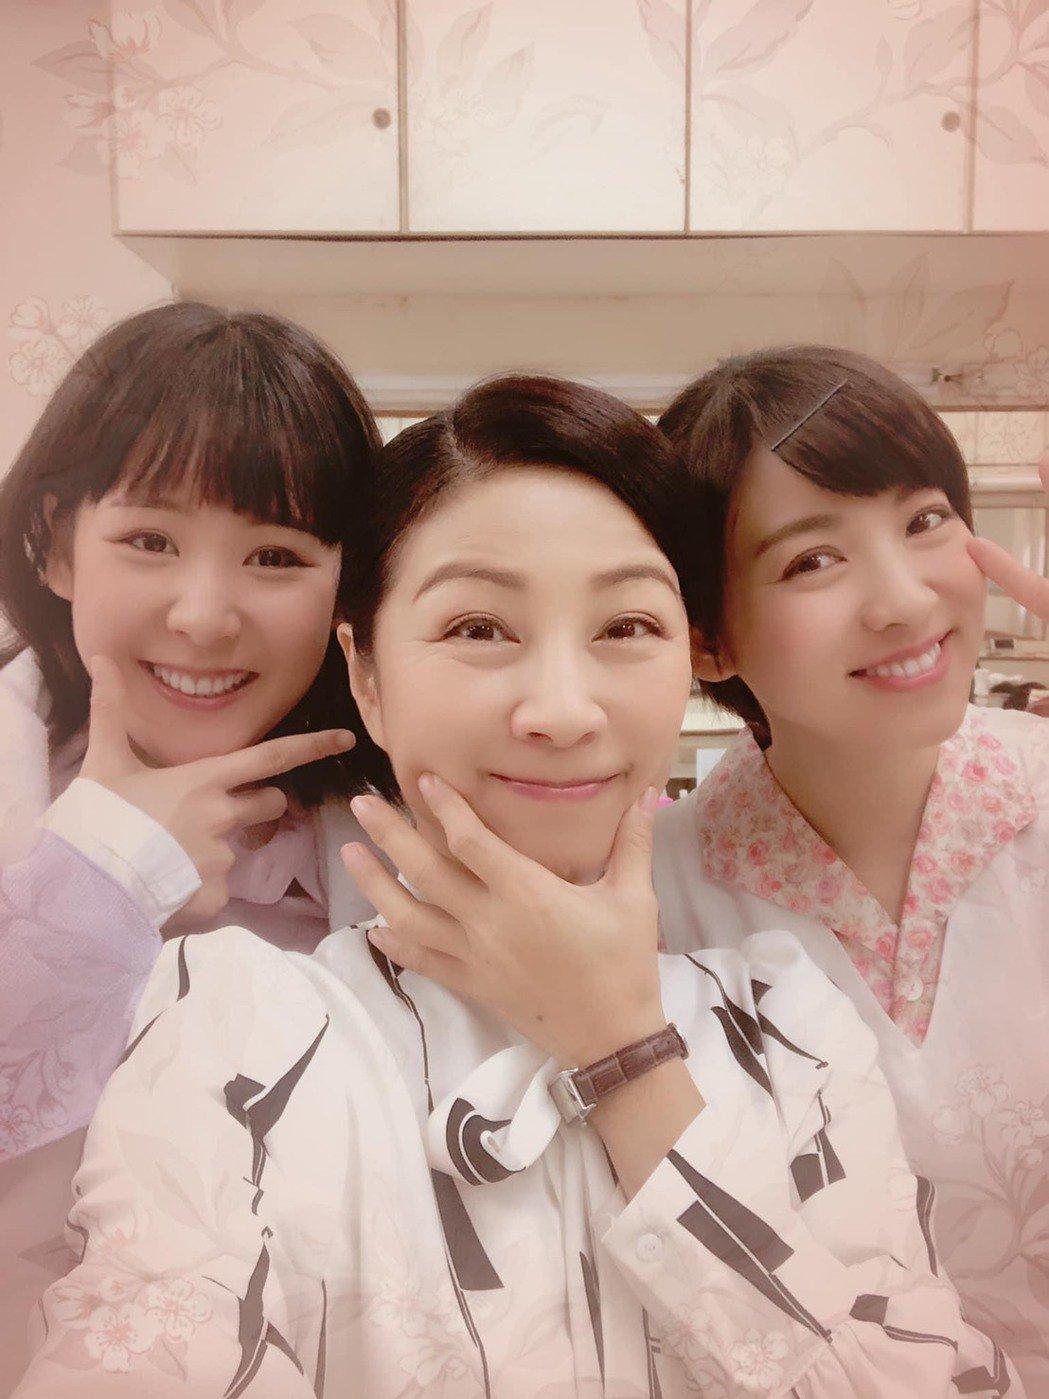 方文琳(中)和米可白因演出「生生世世」培養出好情誼,旁為演員何宜珊。圖/摘自臉書